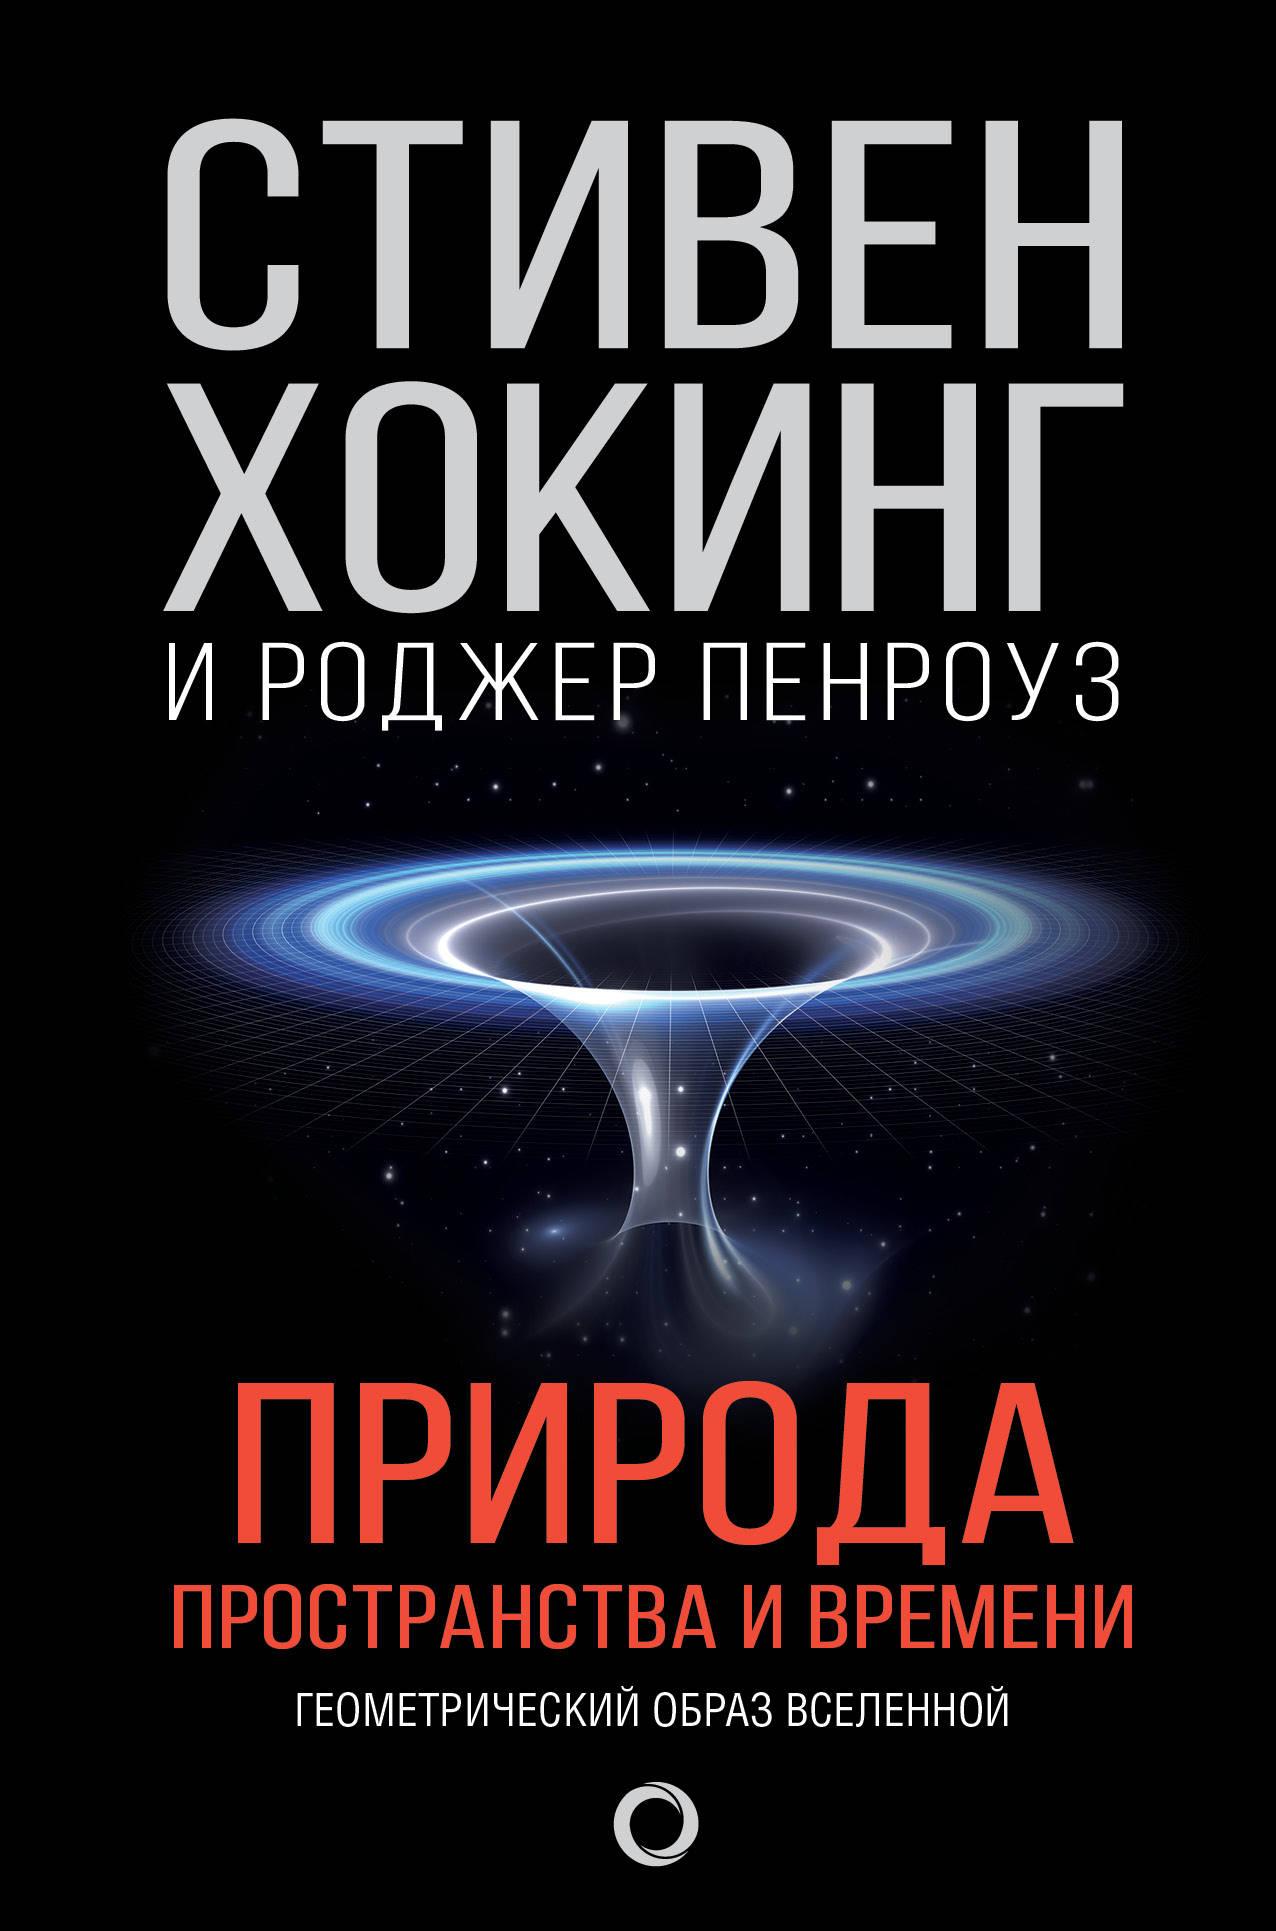 ПЕНРОУЗ Р., ХОКИНГ С. Природа пространства и времени